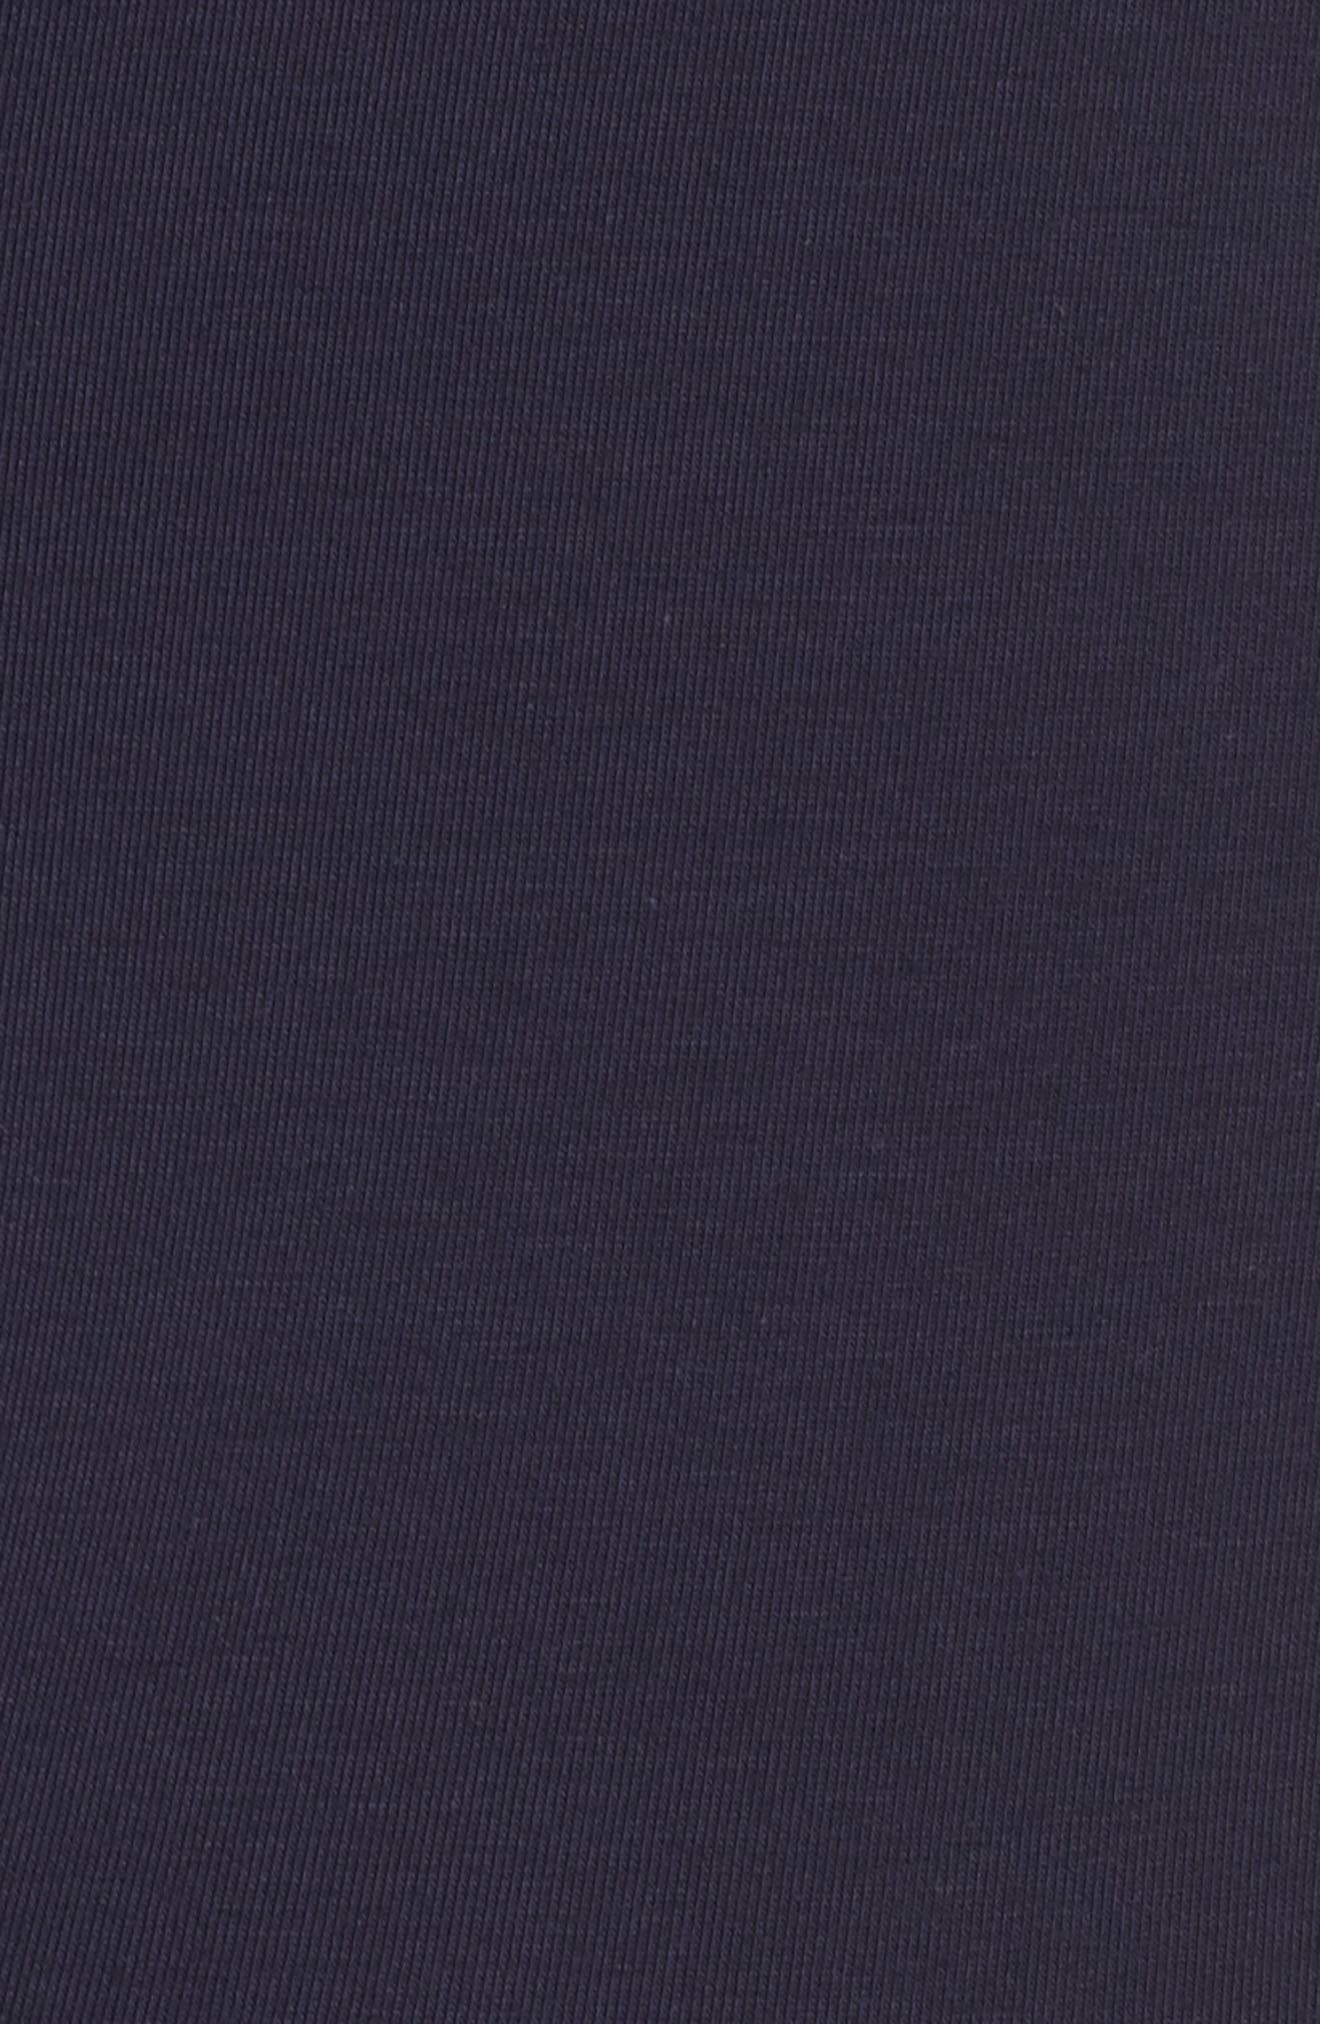 Skinny Knit Pants,                             Alternate thumbnail 6, color,                             419